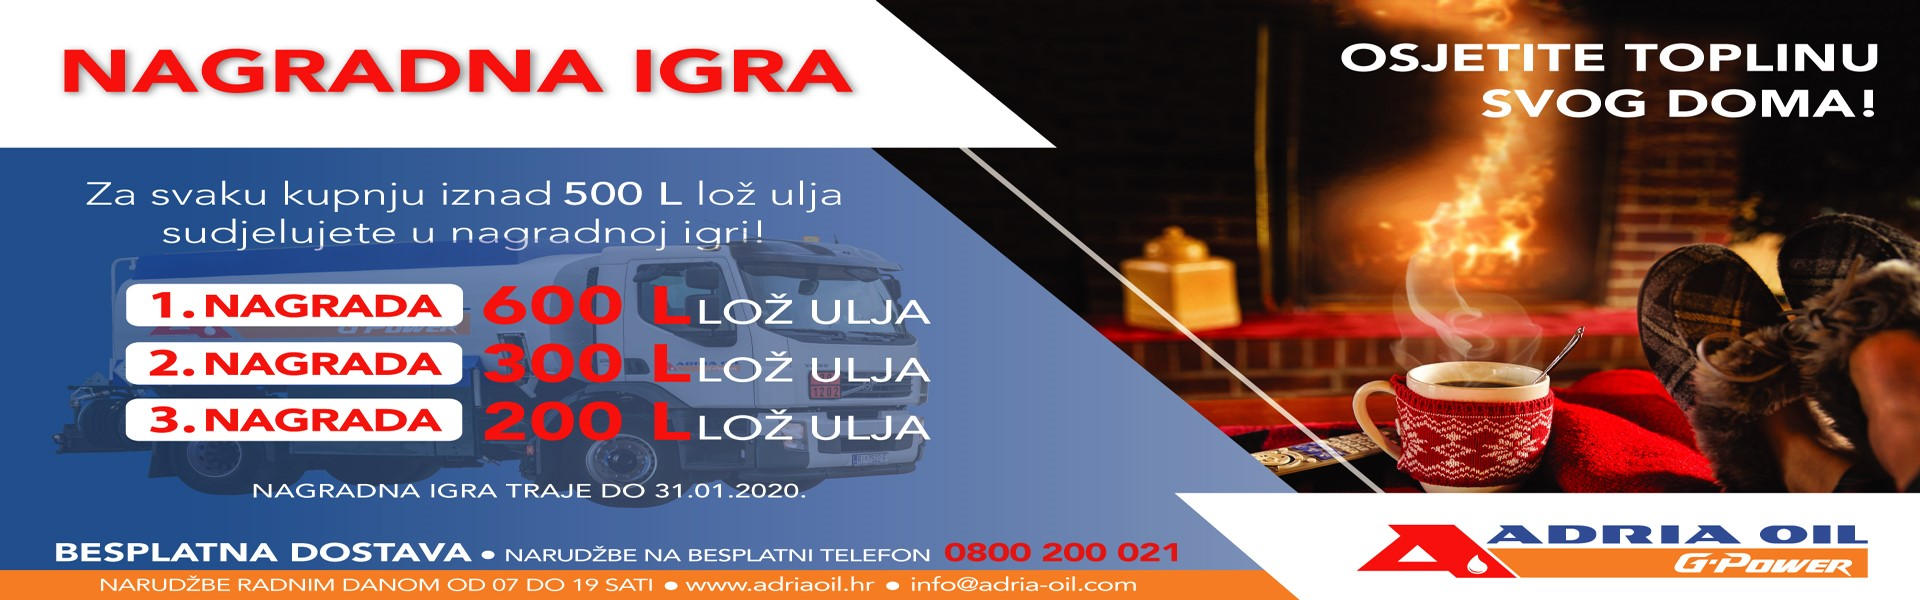 https://www.adriaoil.hr/Repository/Banners/web_loz_ulje_nagradna.jpg